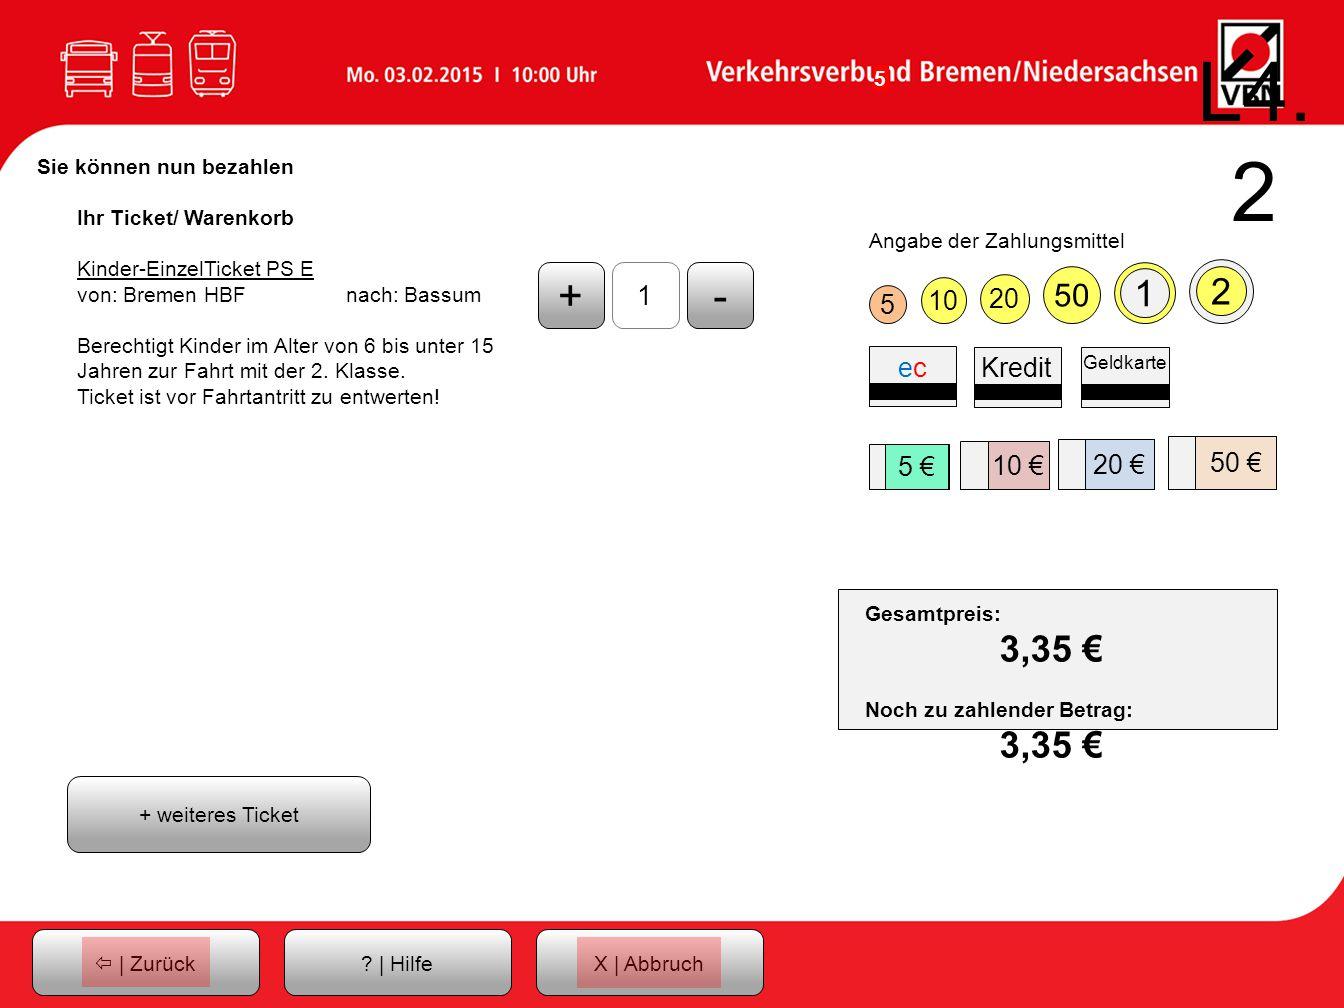 L4.2 Sie können nun bezahlen. Ihr Ticket/ Warenkorb. Kinder-EinzelTicket PS E. von: Bremen HBF nach: Bassum.